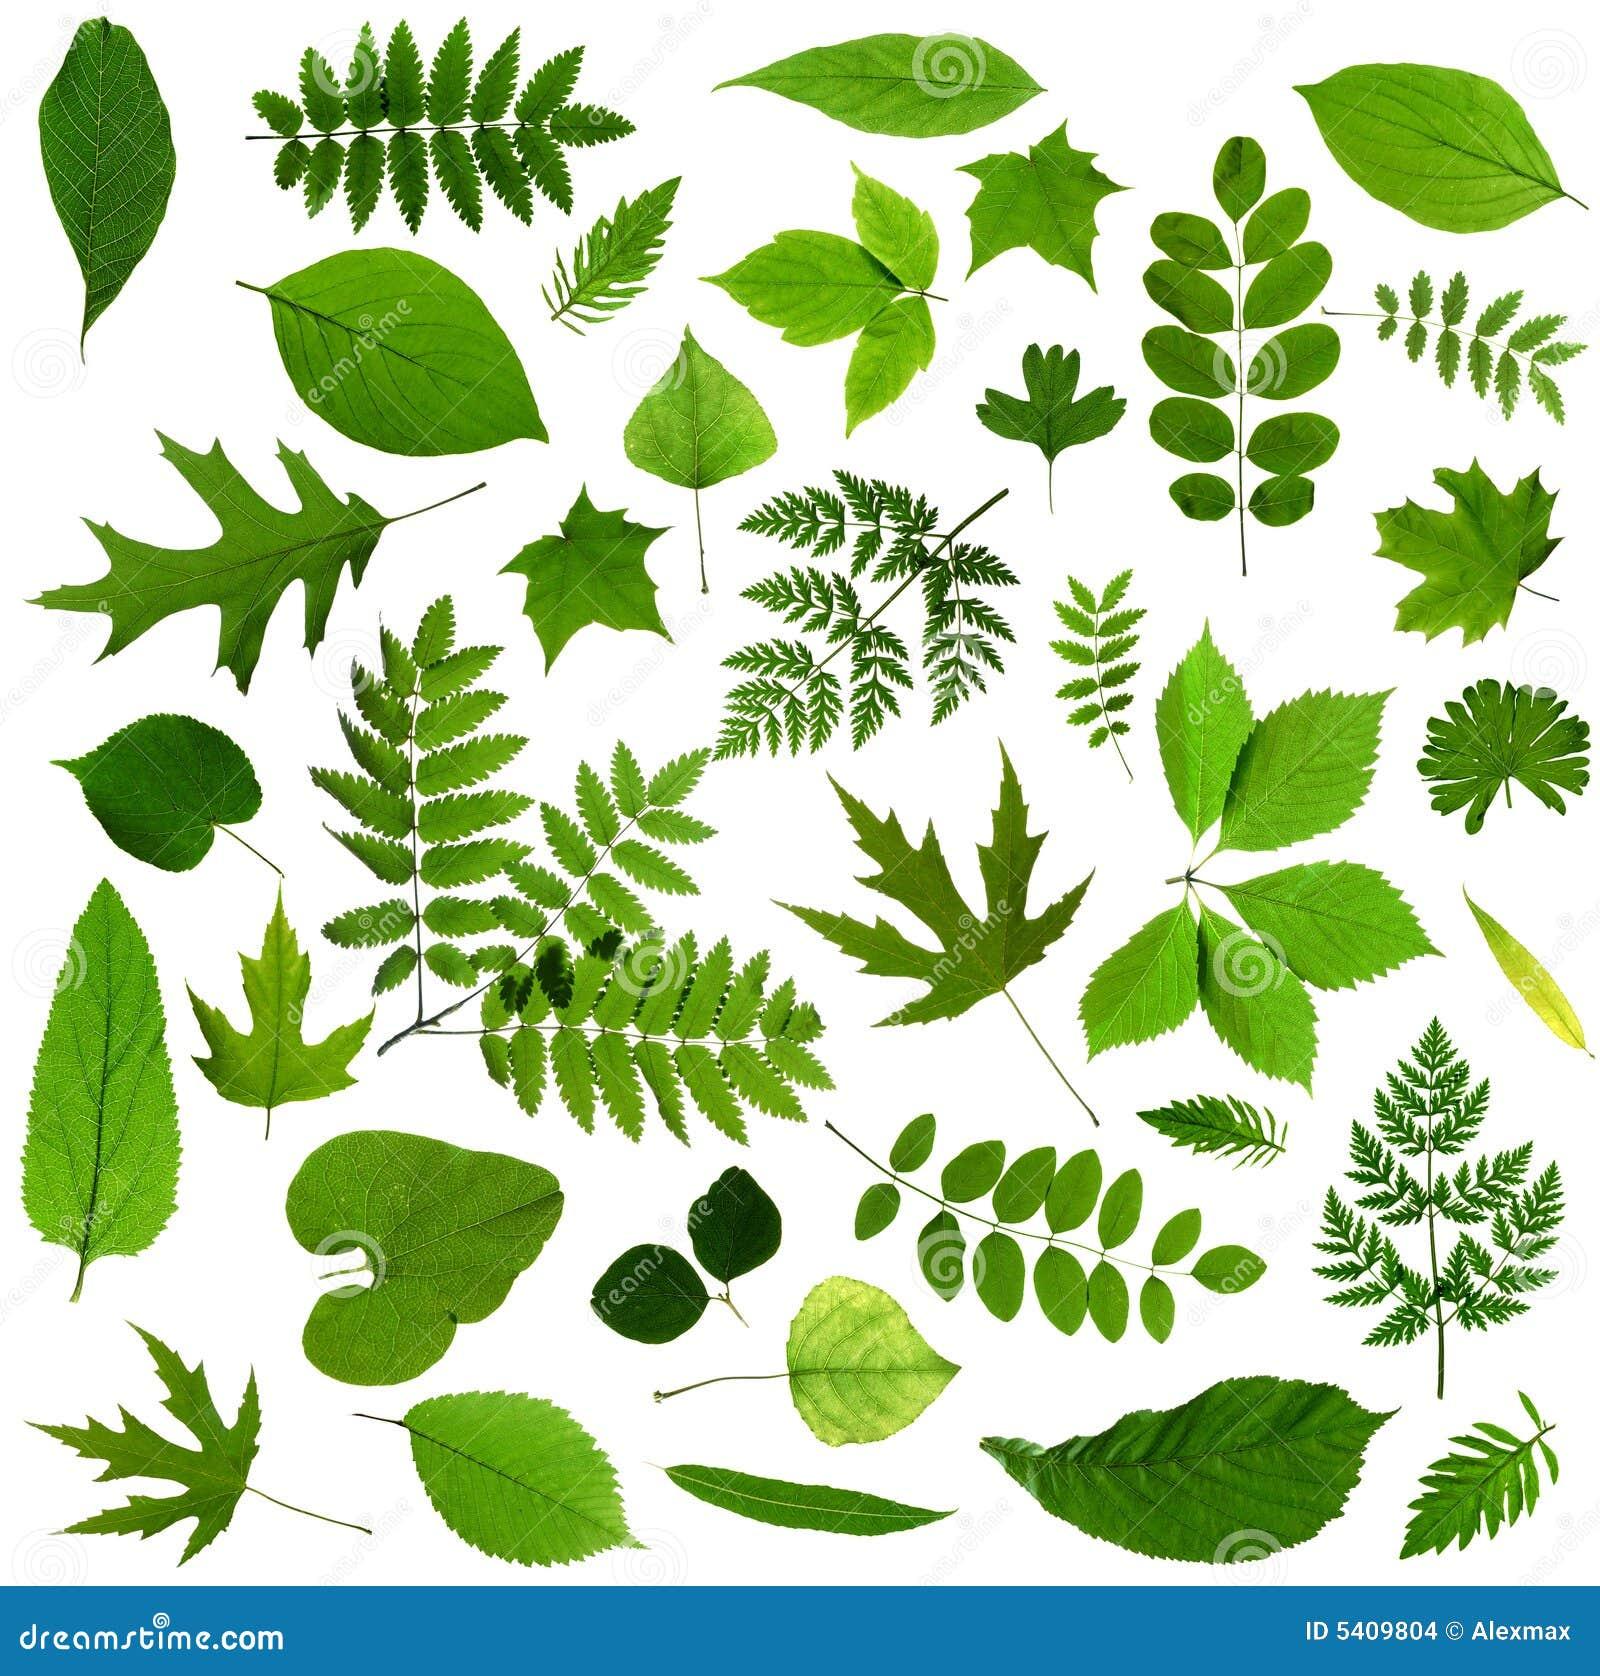 Tutti gli ordinamenti dei fogli verdi